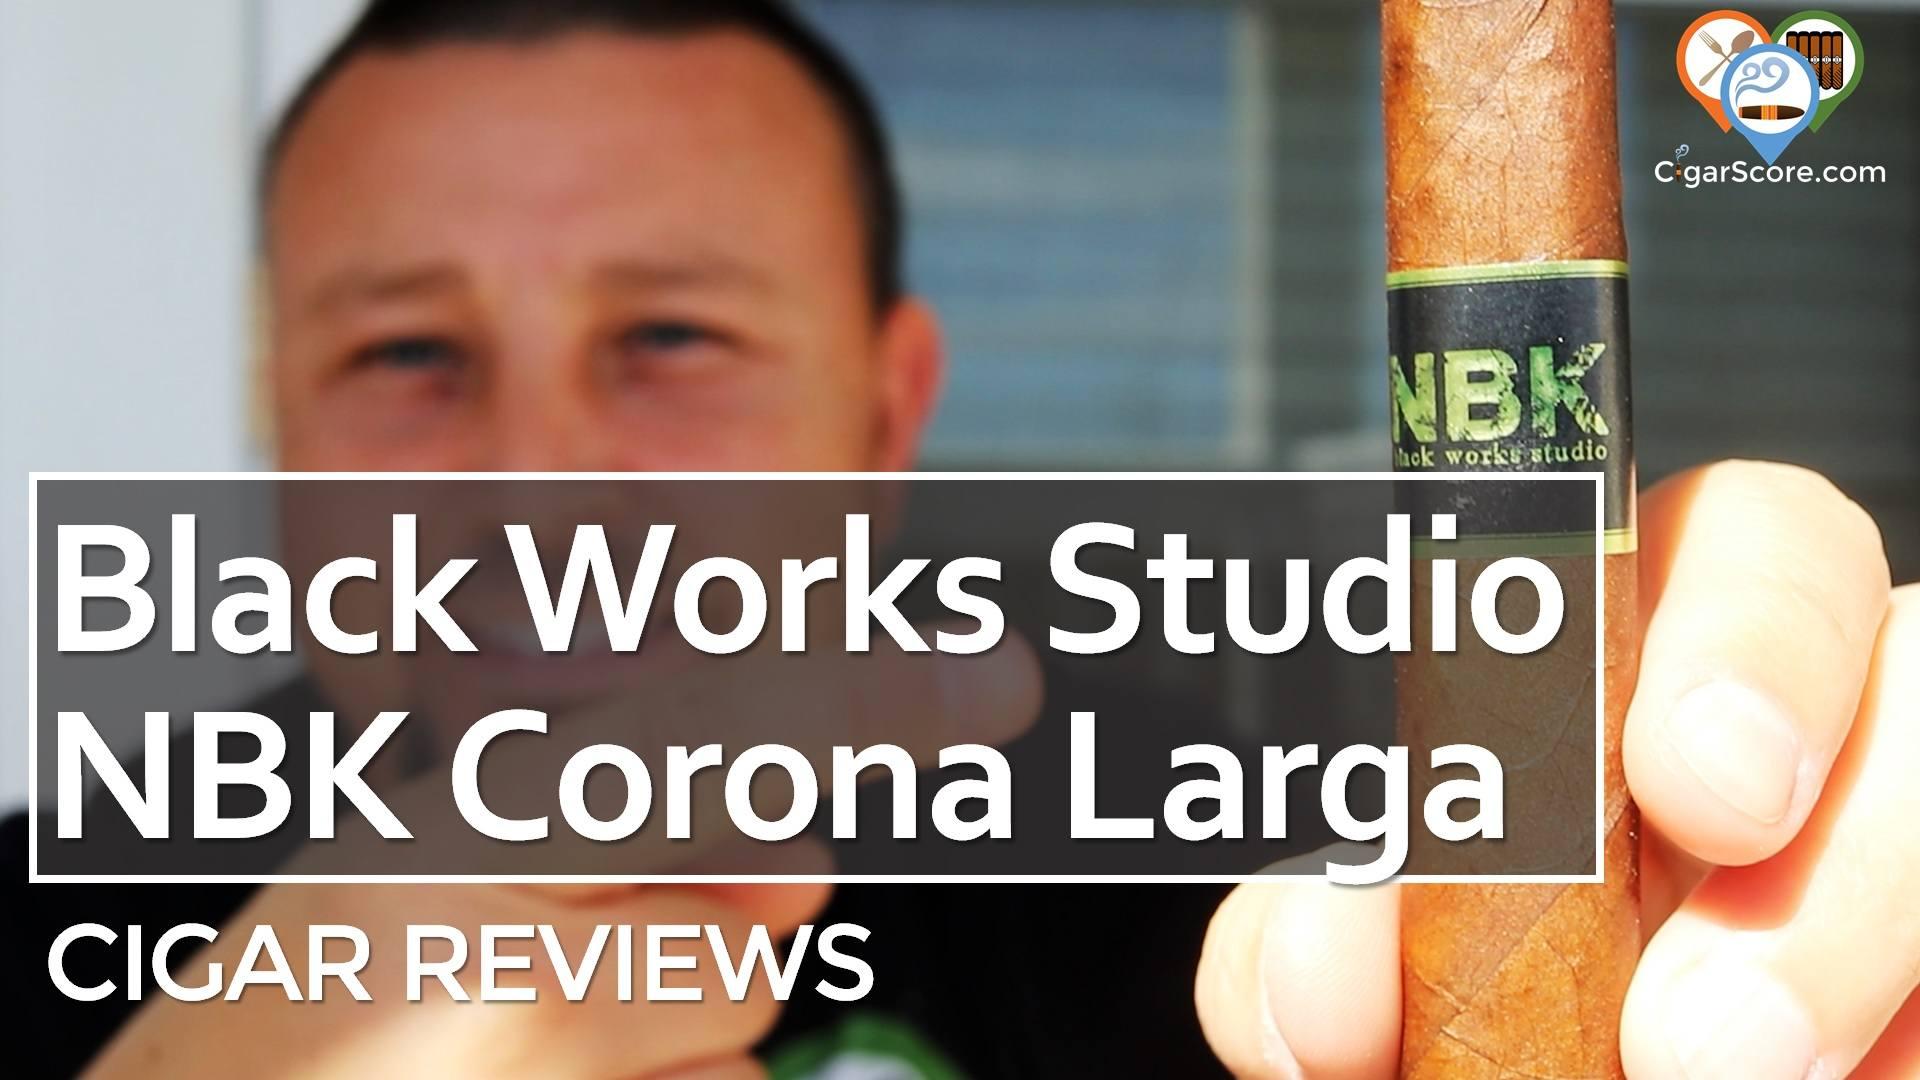 Cigar Review Black Works Studio NBK Corona Larga